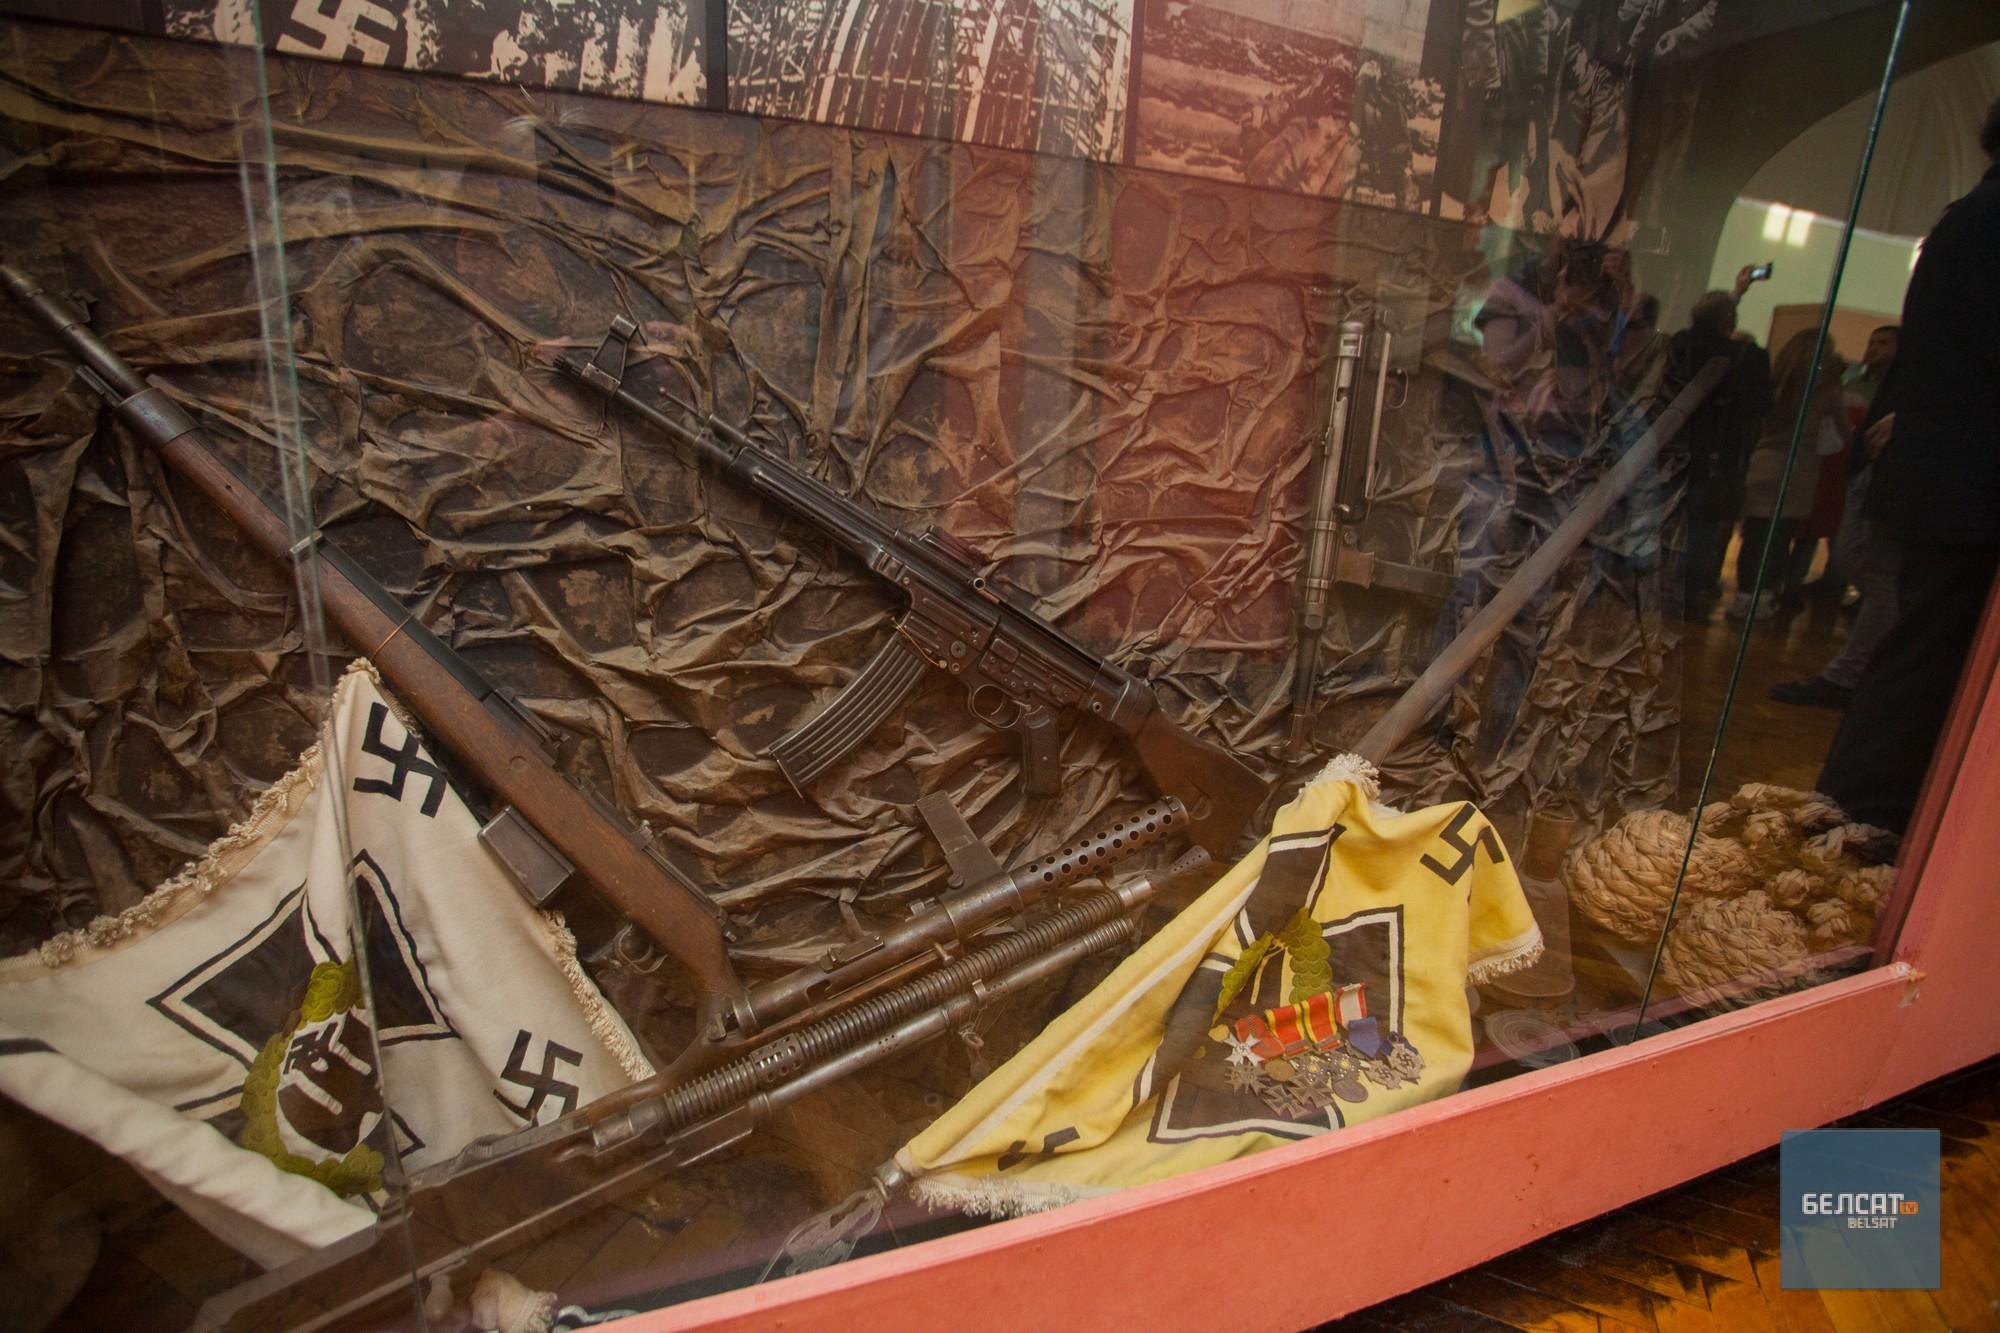 Нямецкі куточак: штучныя сцягі і сапраўдная зброя. Фота – Васіль Малчанаў/«Белсат»